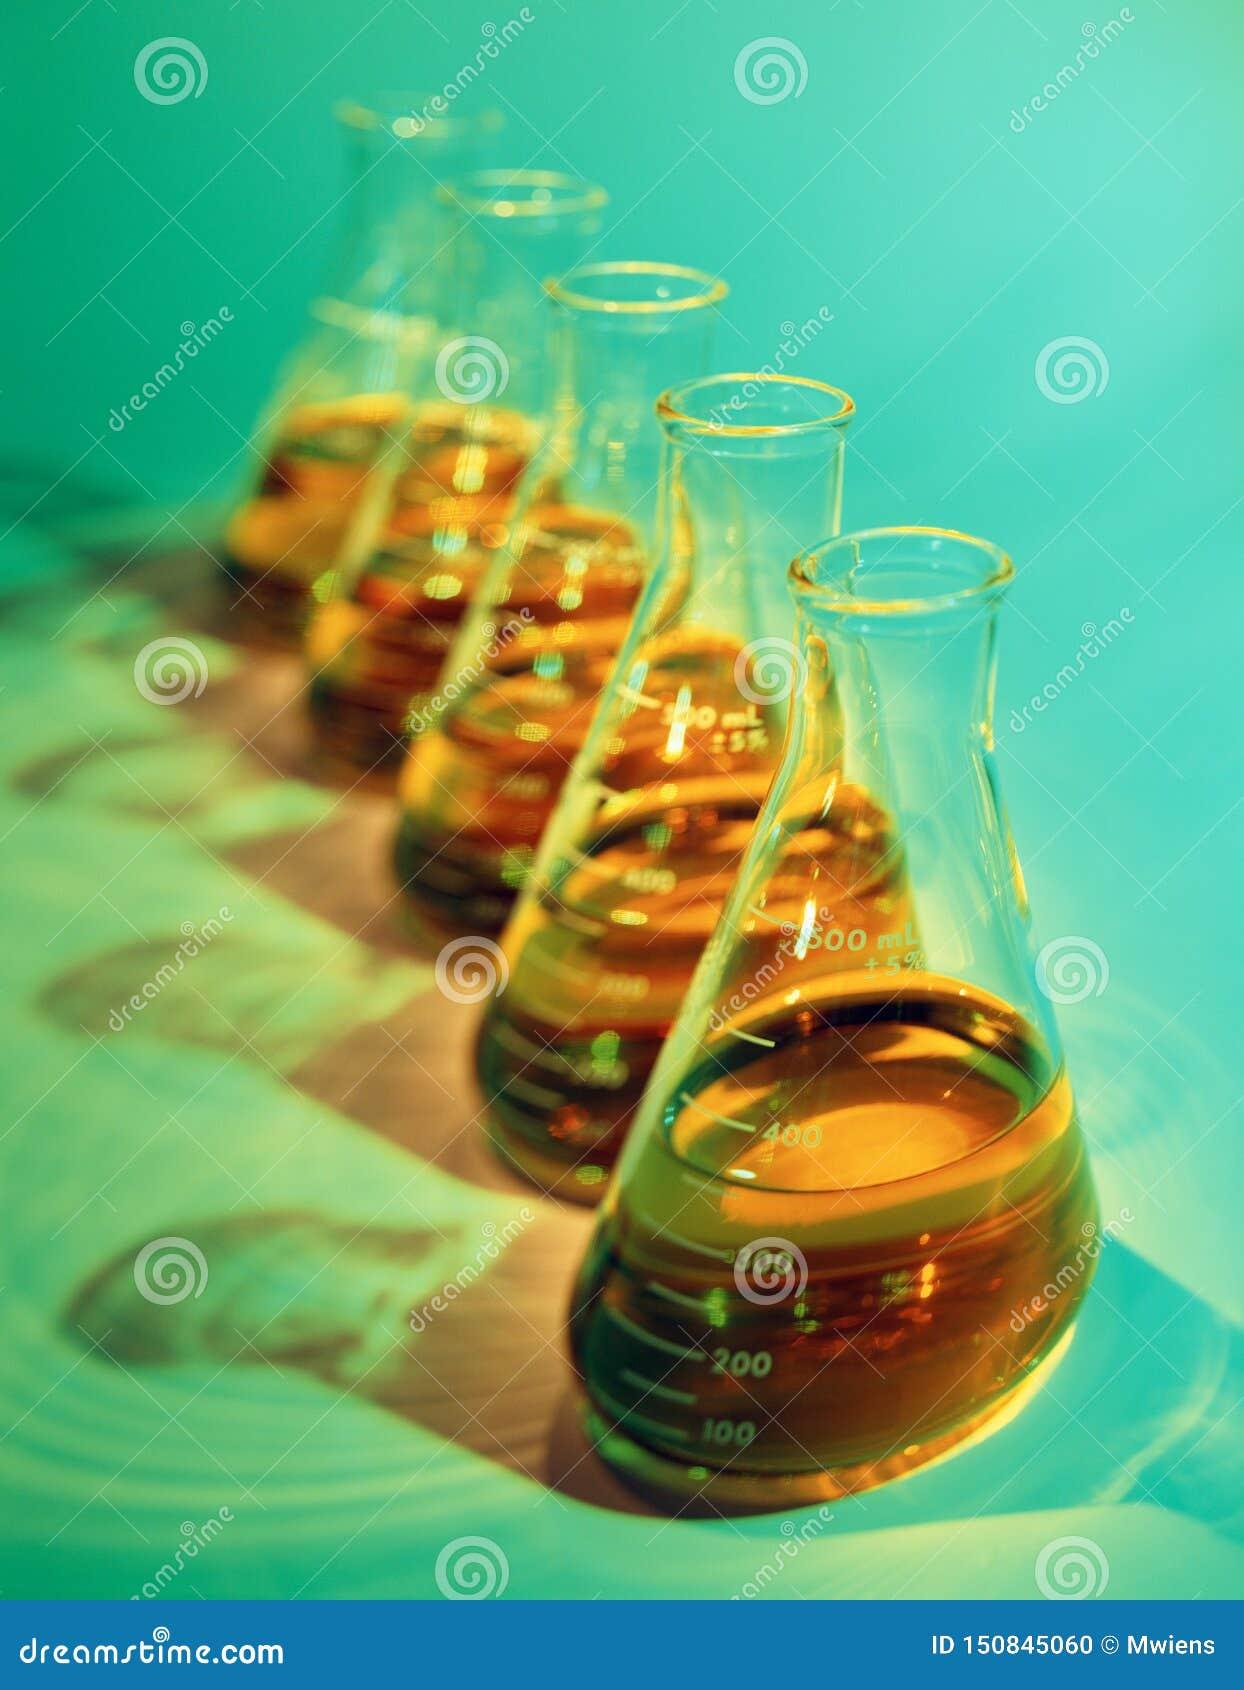 化工烧瓶的说明选择聚焦图象在绿色的